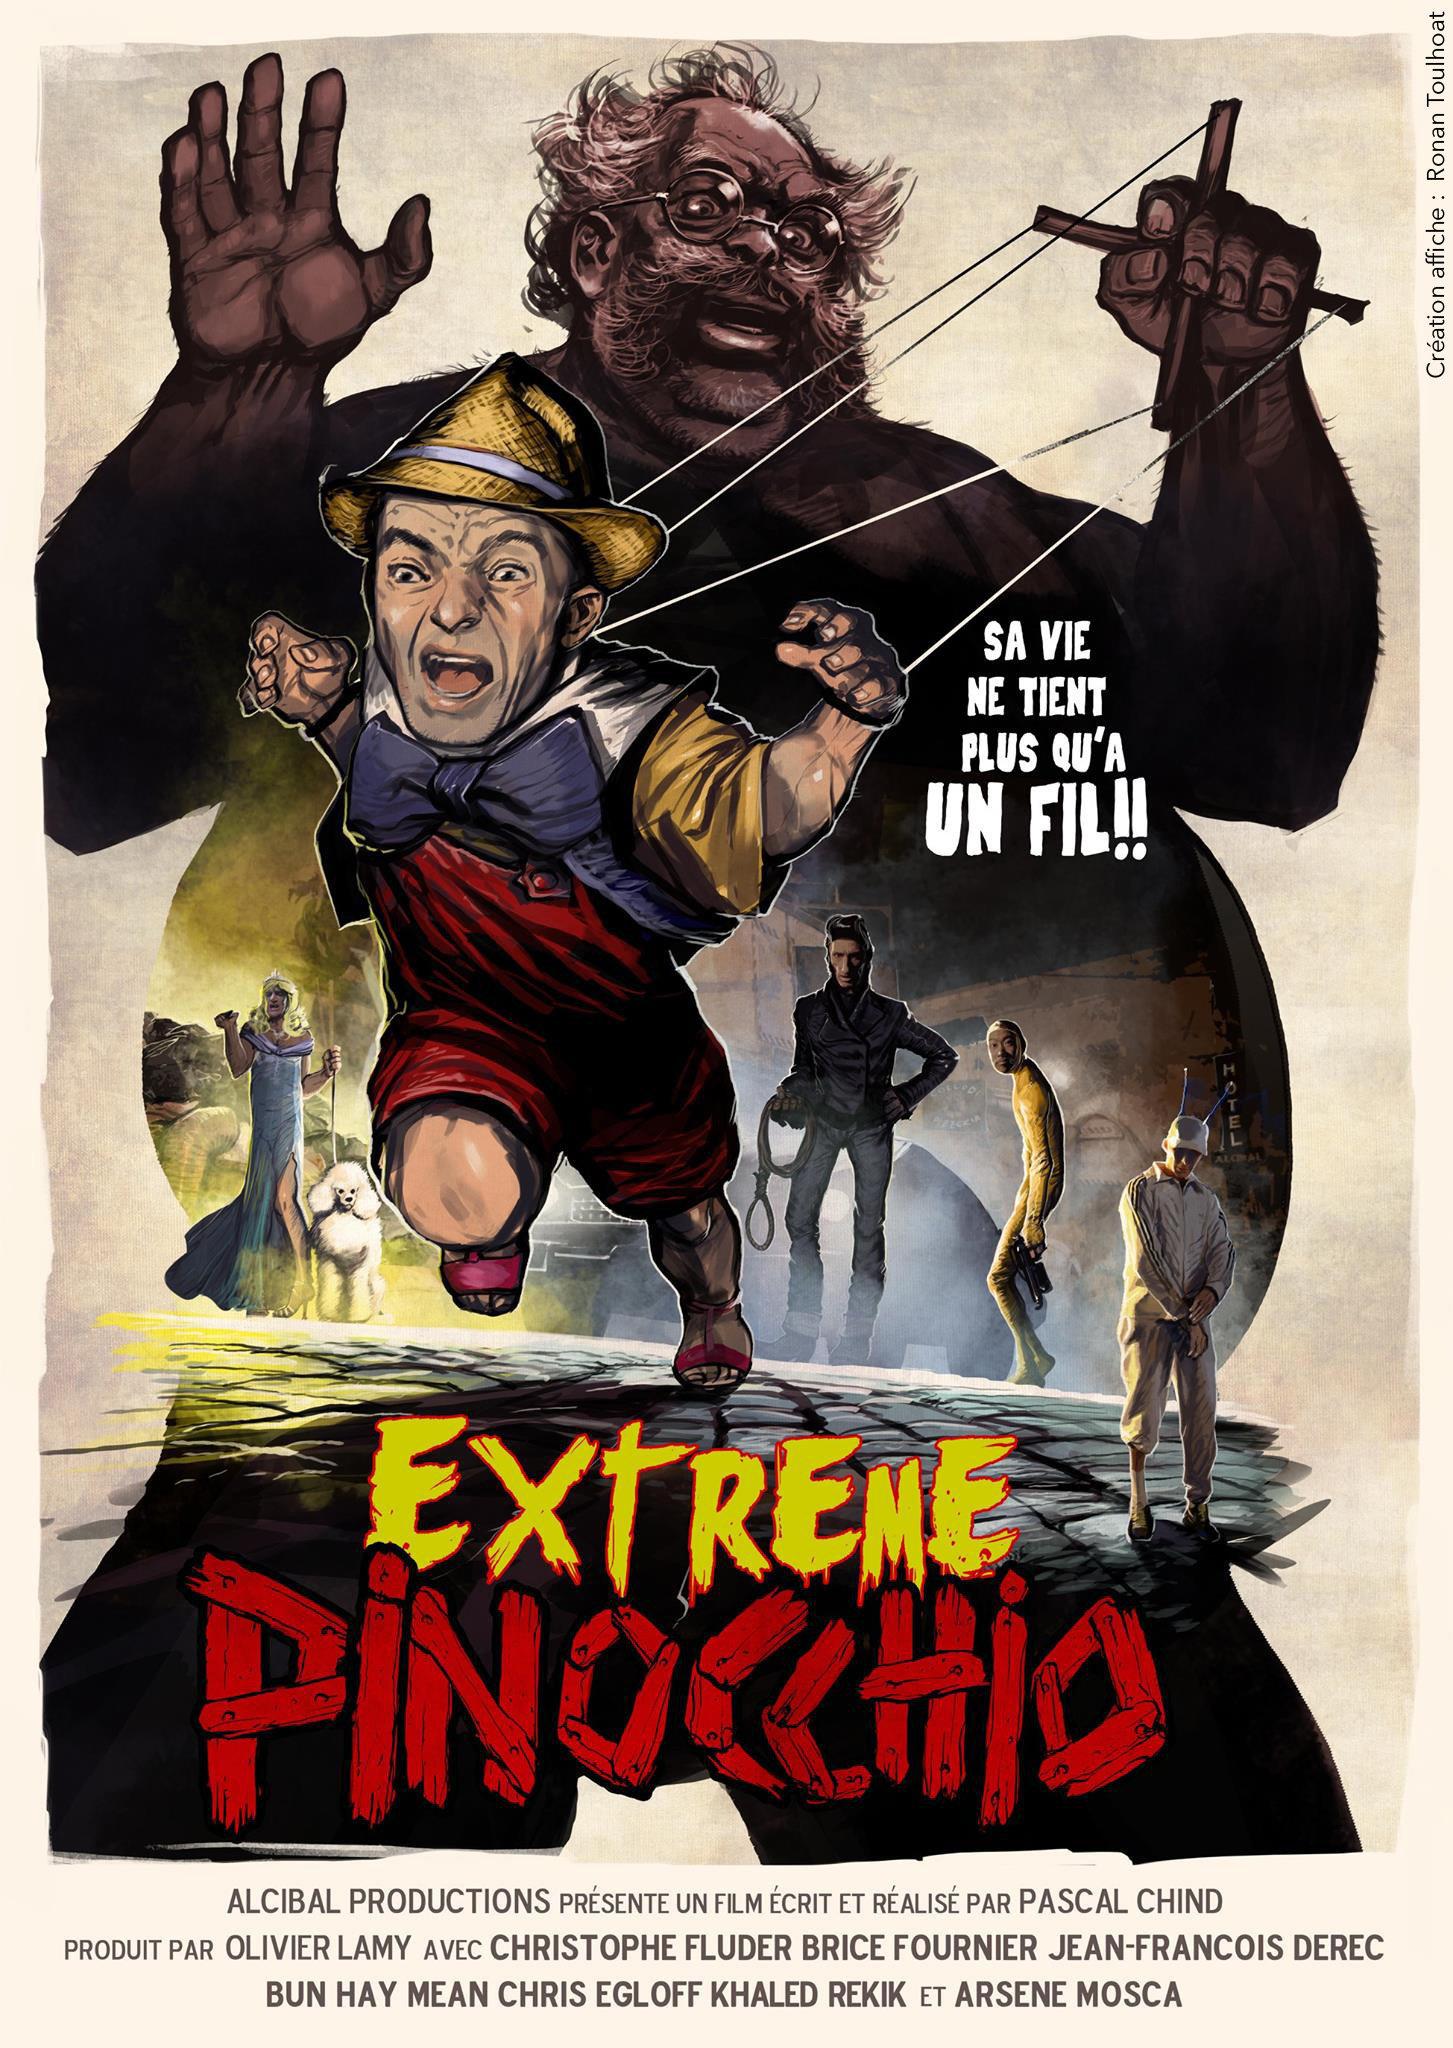 Affiche Pinocchio.jpg